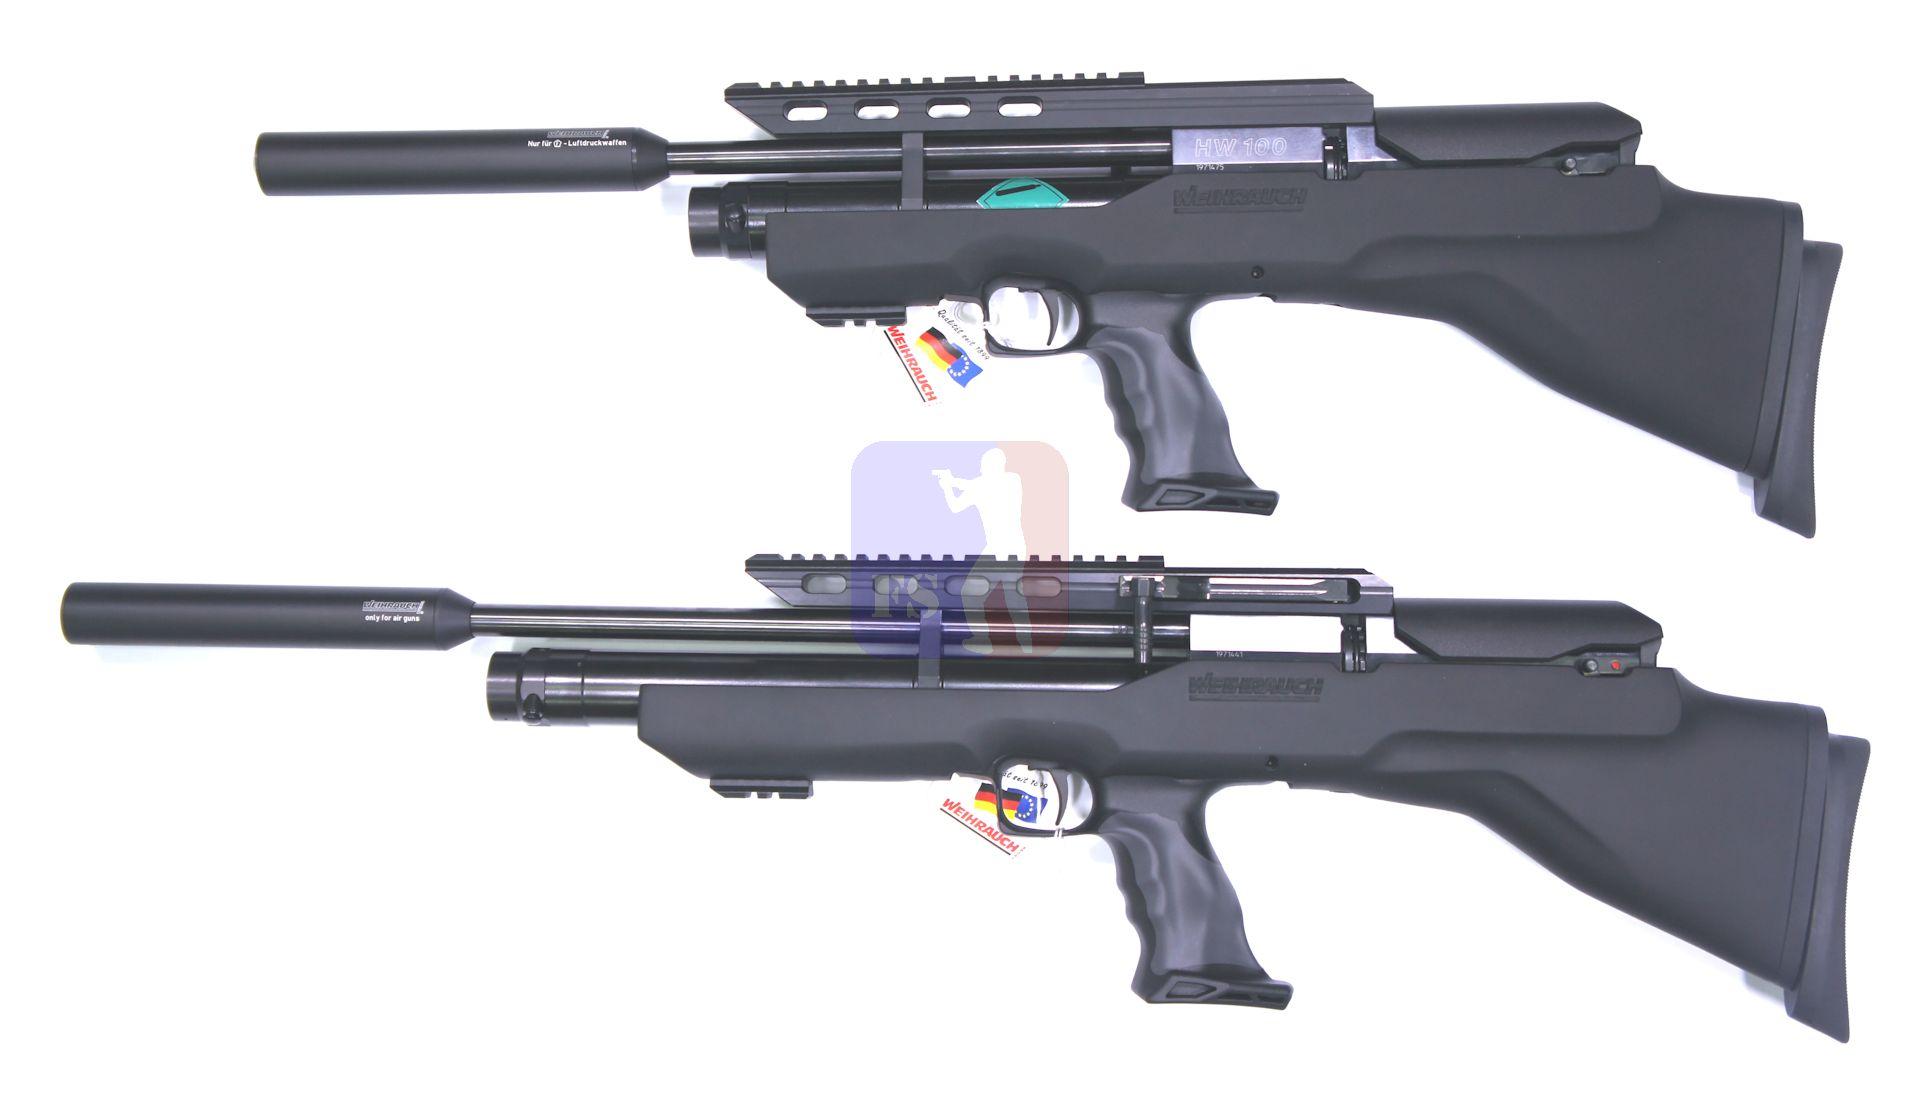 Hinter diesem Button werden die Gewehre noch in verschiedene Arten aufgeteilt